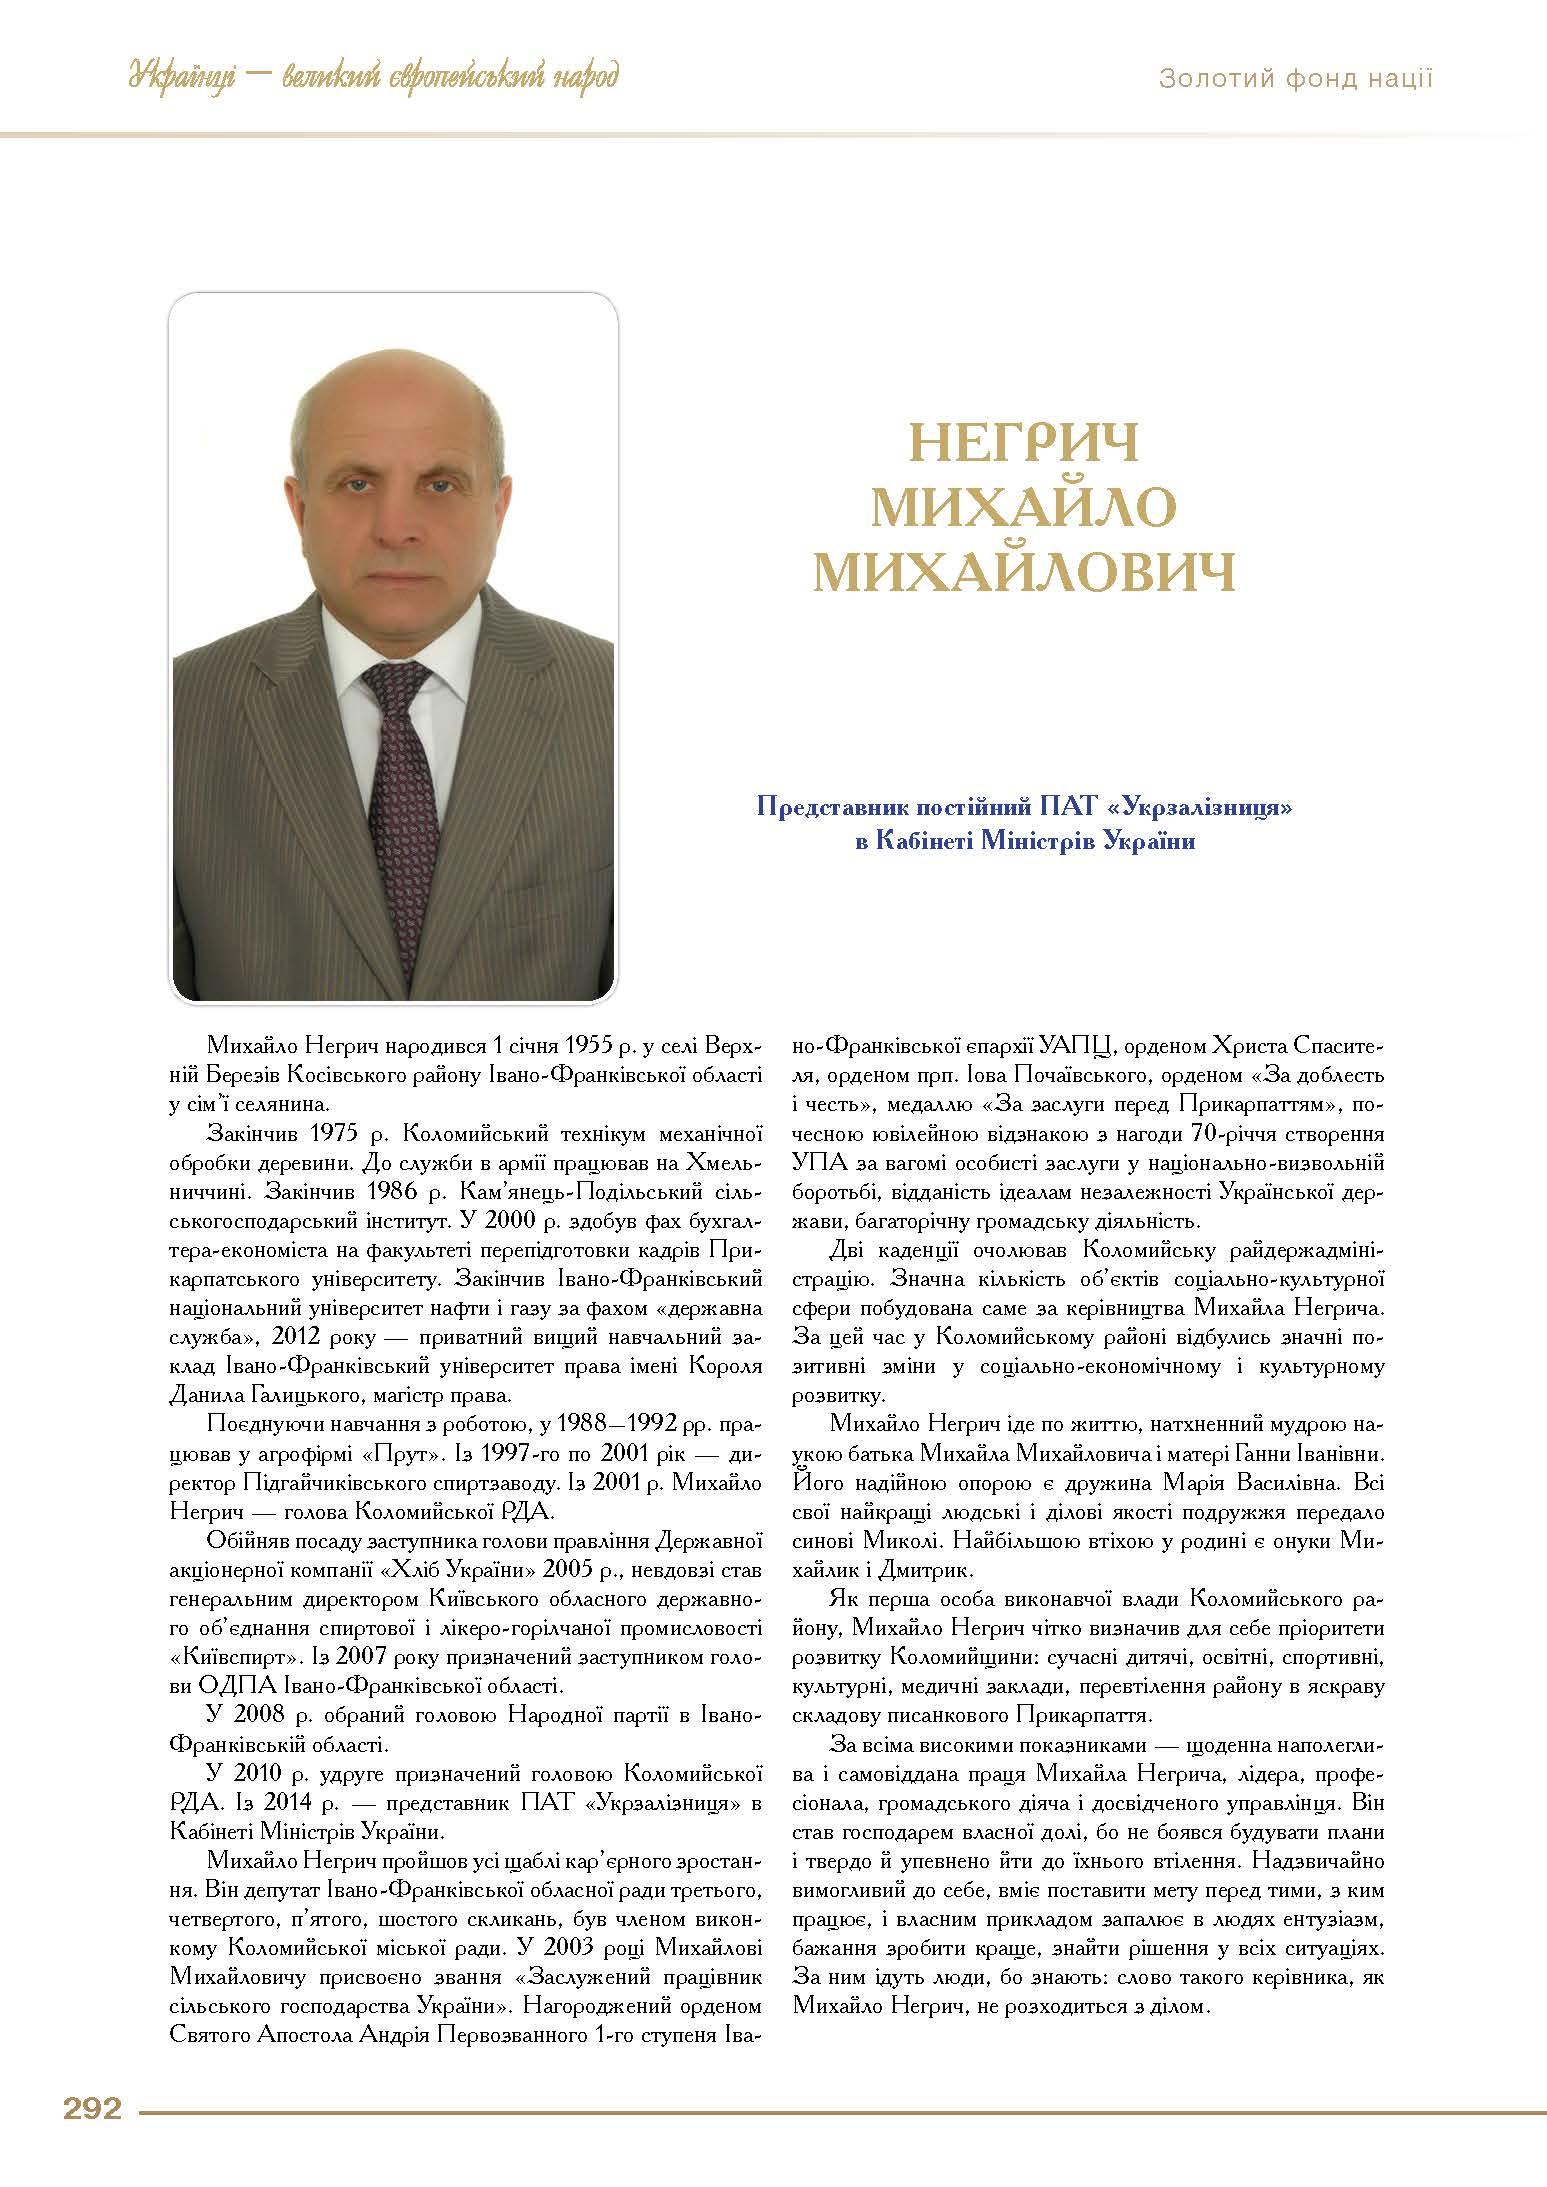 Негрич Михайло Михайлович